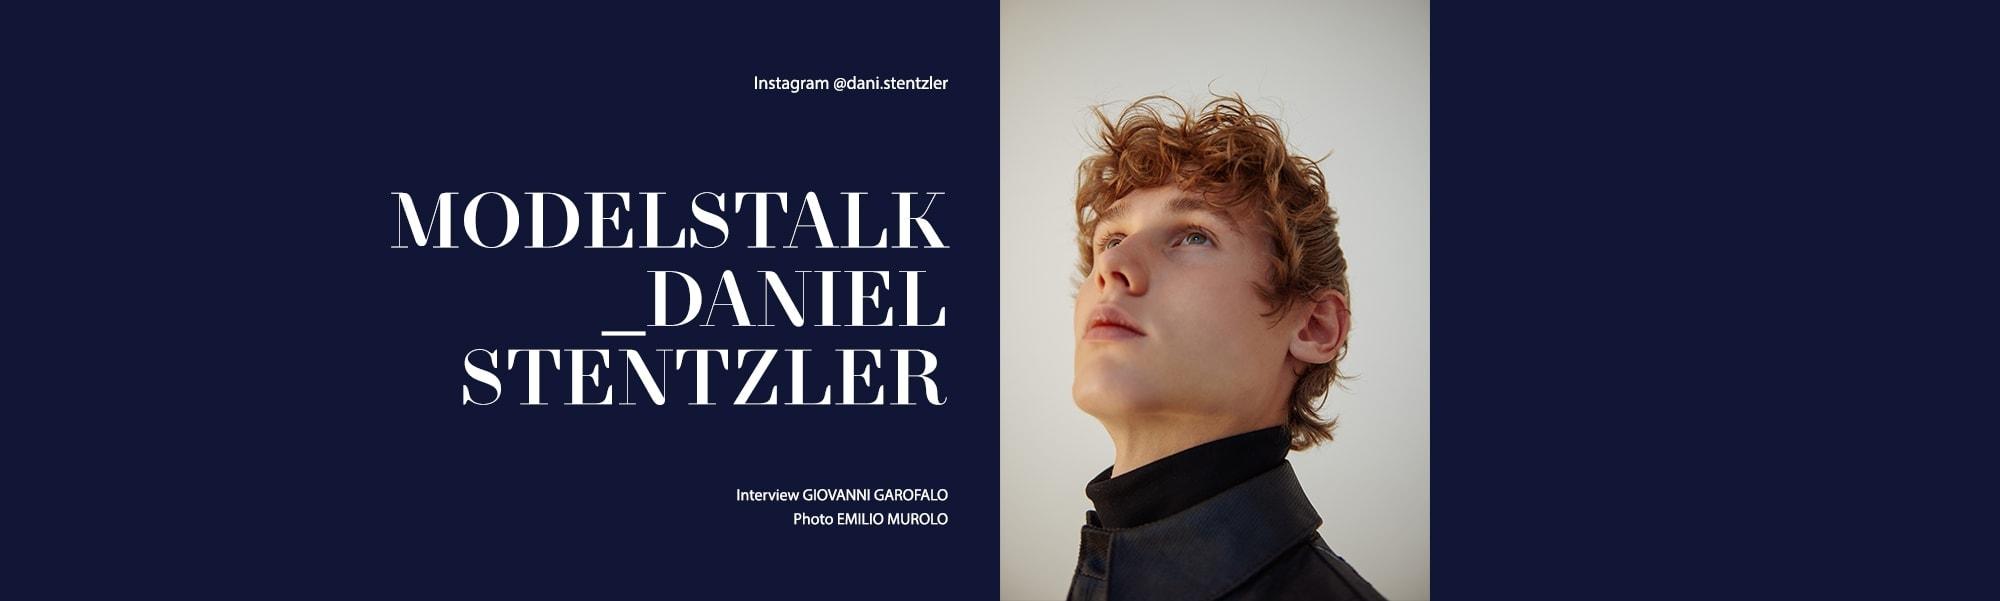 daniel-stentzler-banner-landing-thegreatestmagazine-talking-heads